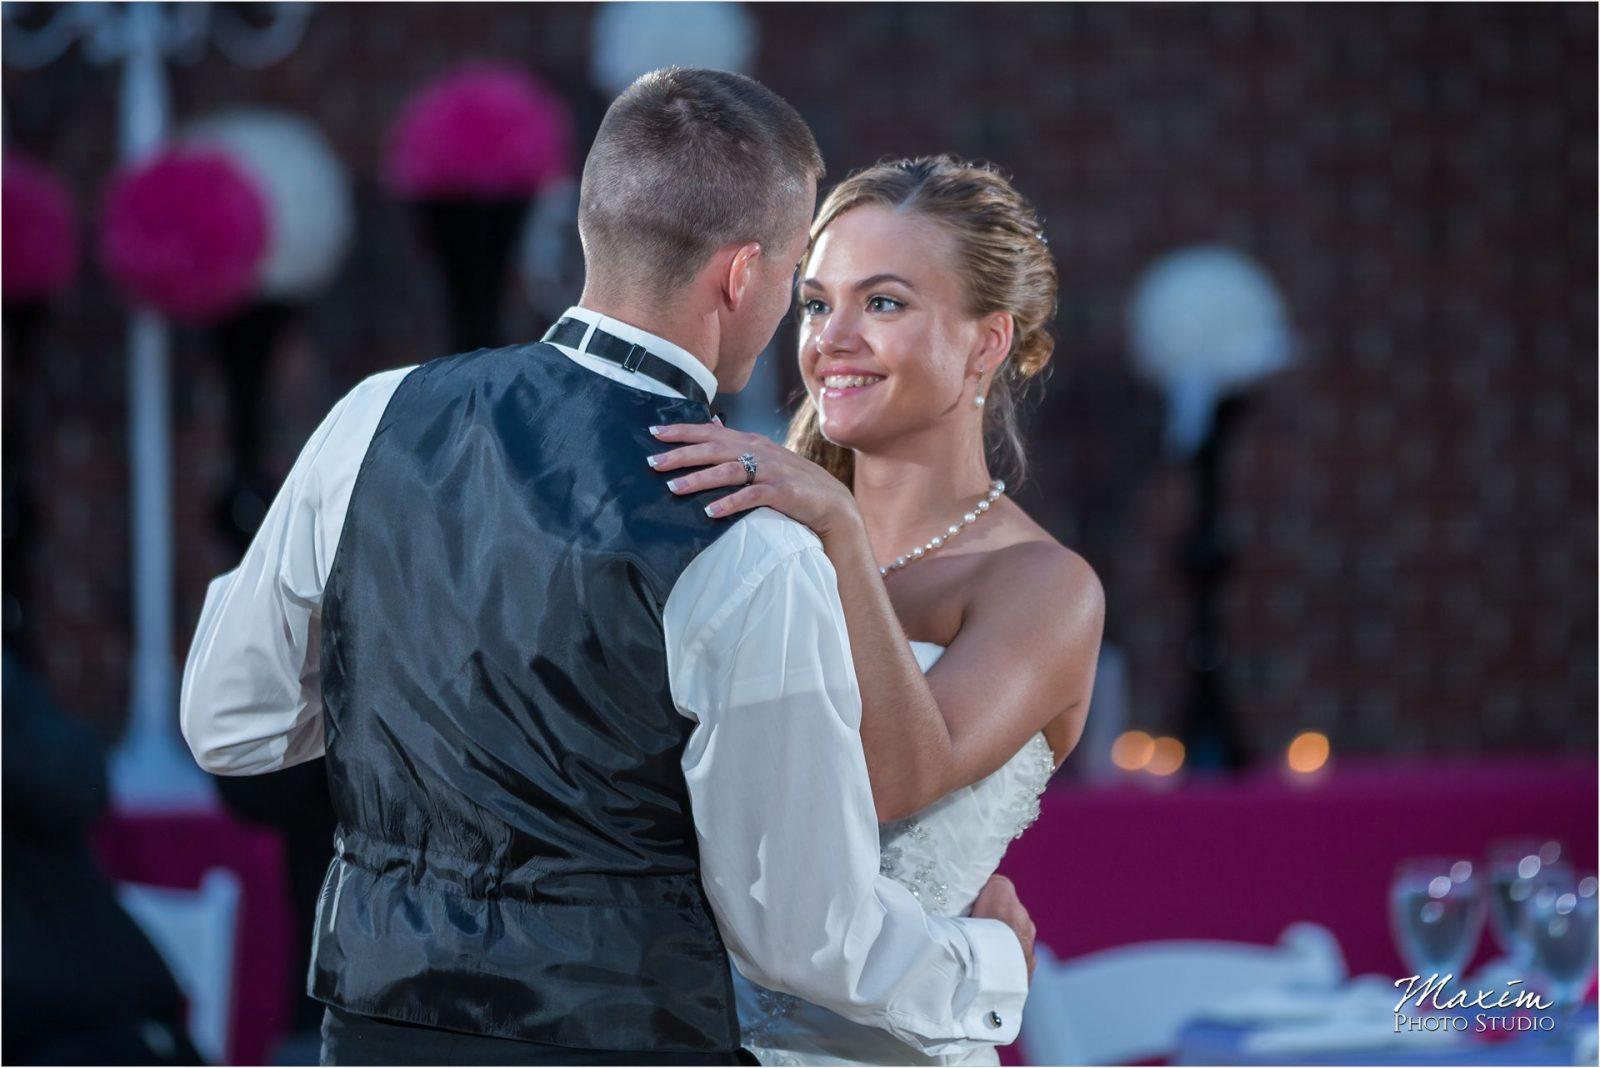 Dayton Wedding Photography, Wedding Reception Dayton Ohio